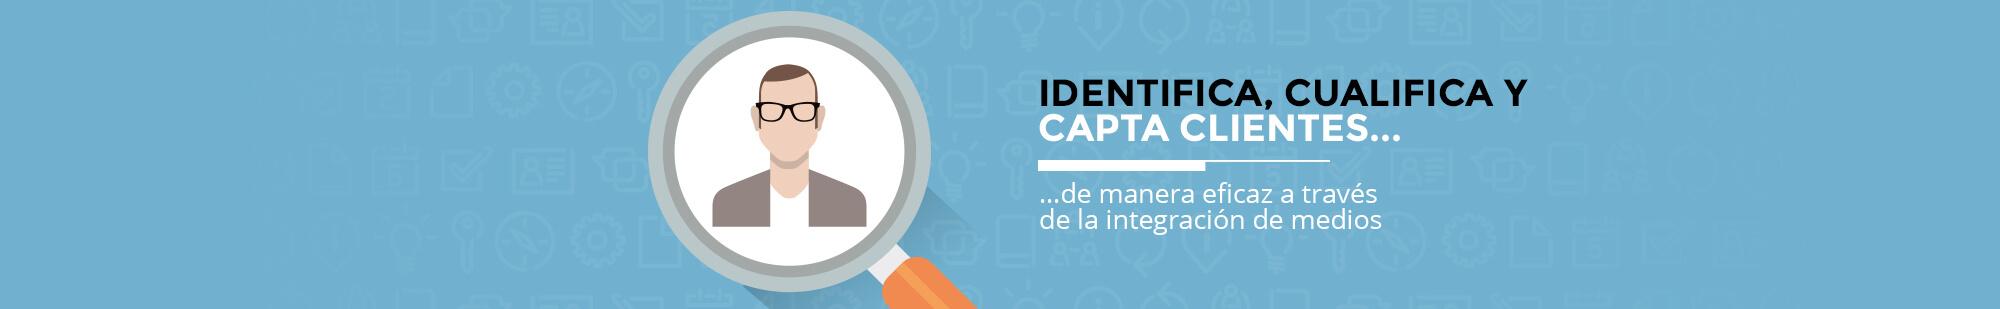 Curso Especializado Online en Captación y Cualificación de Clientes